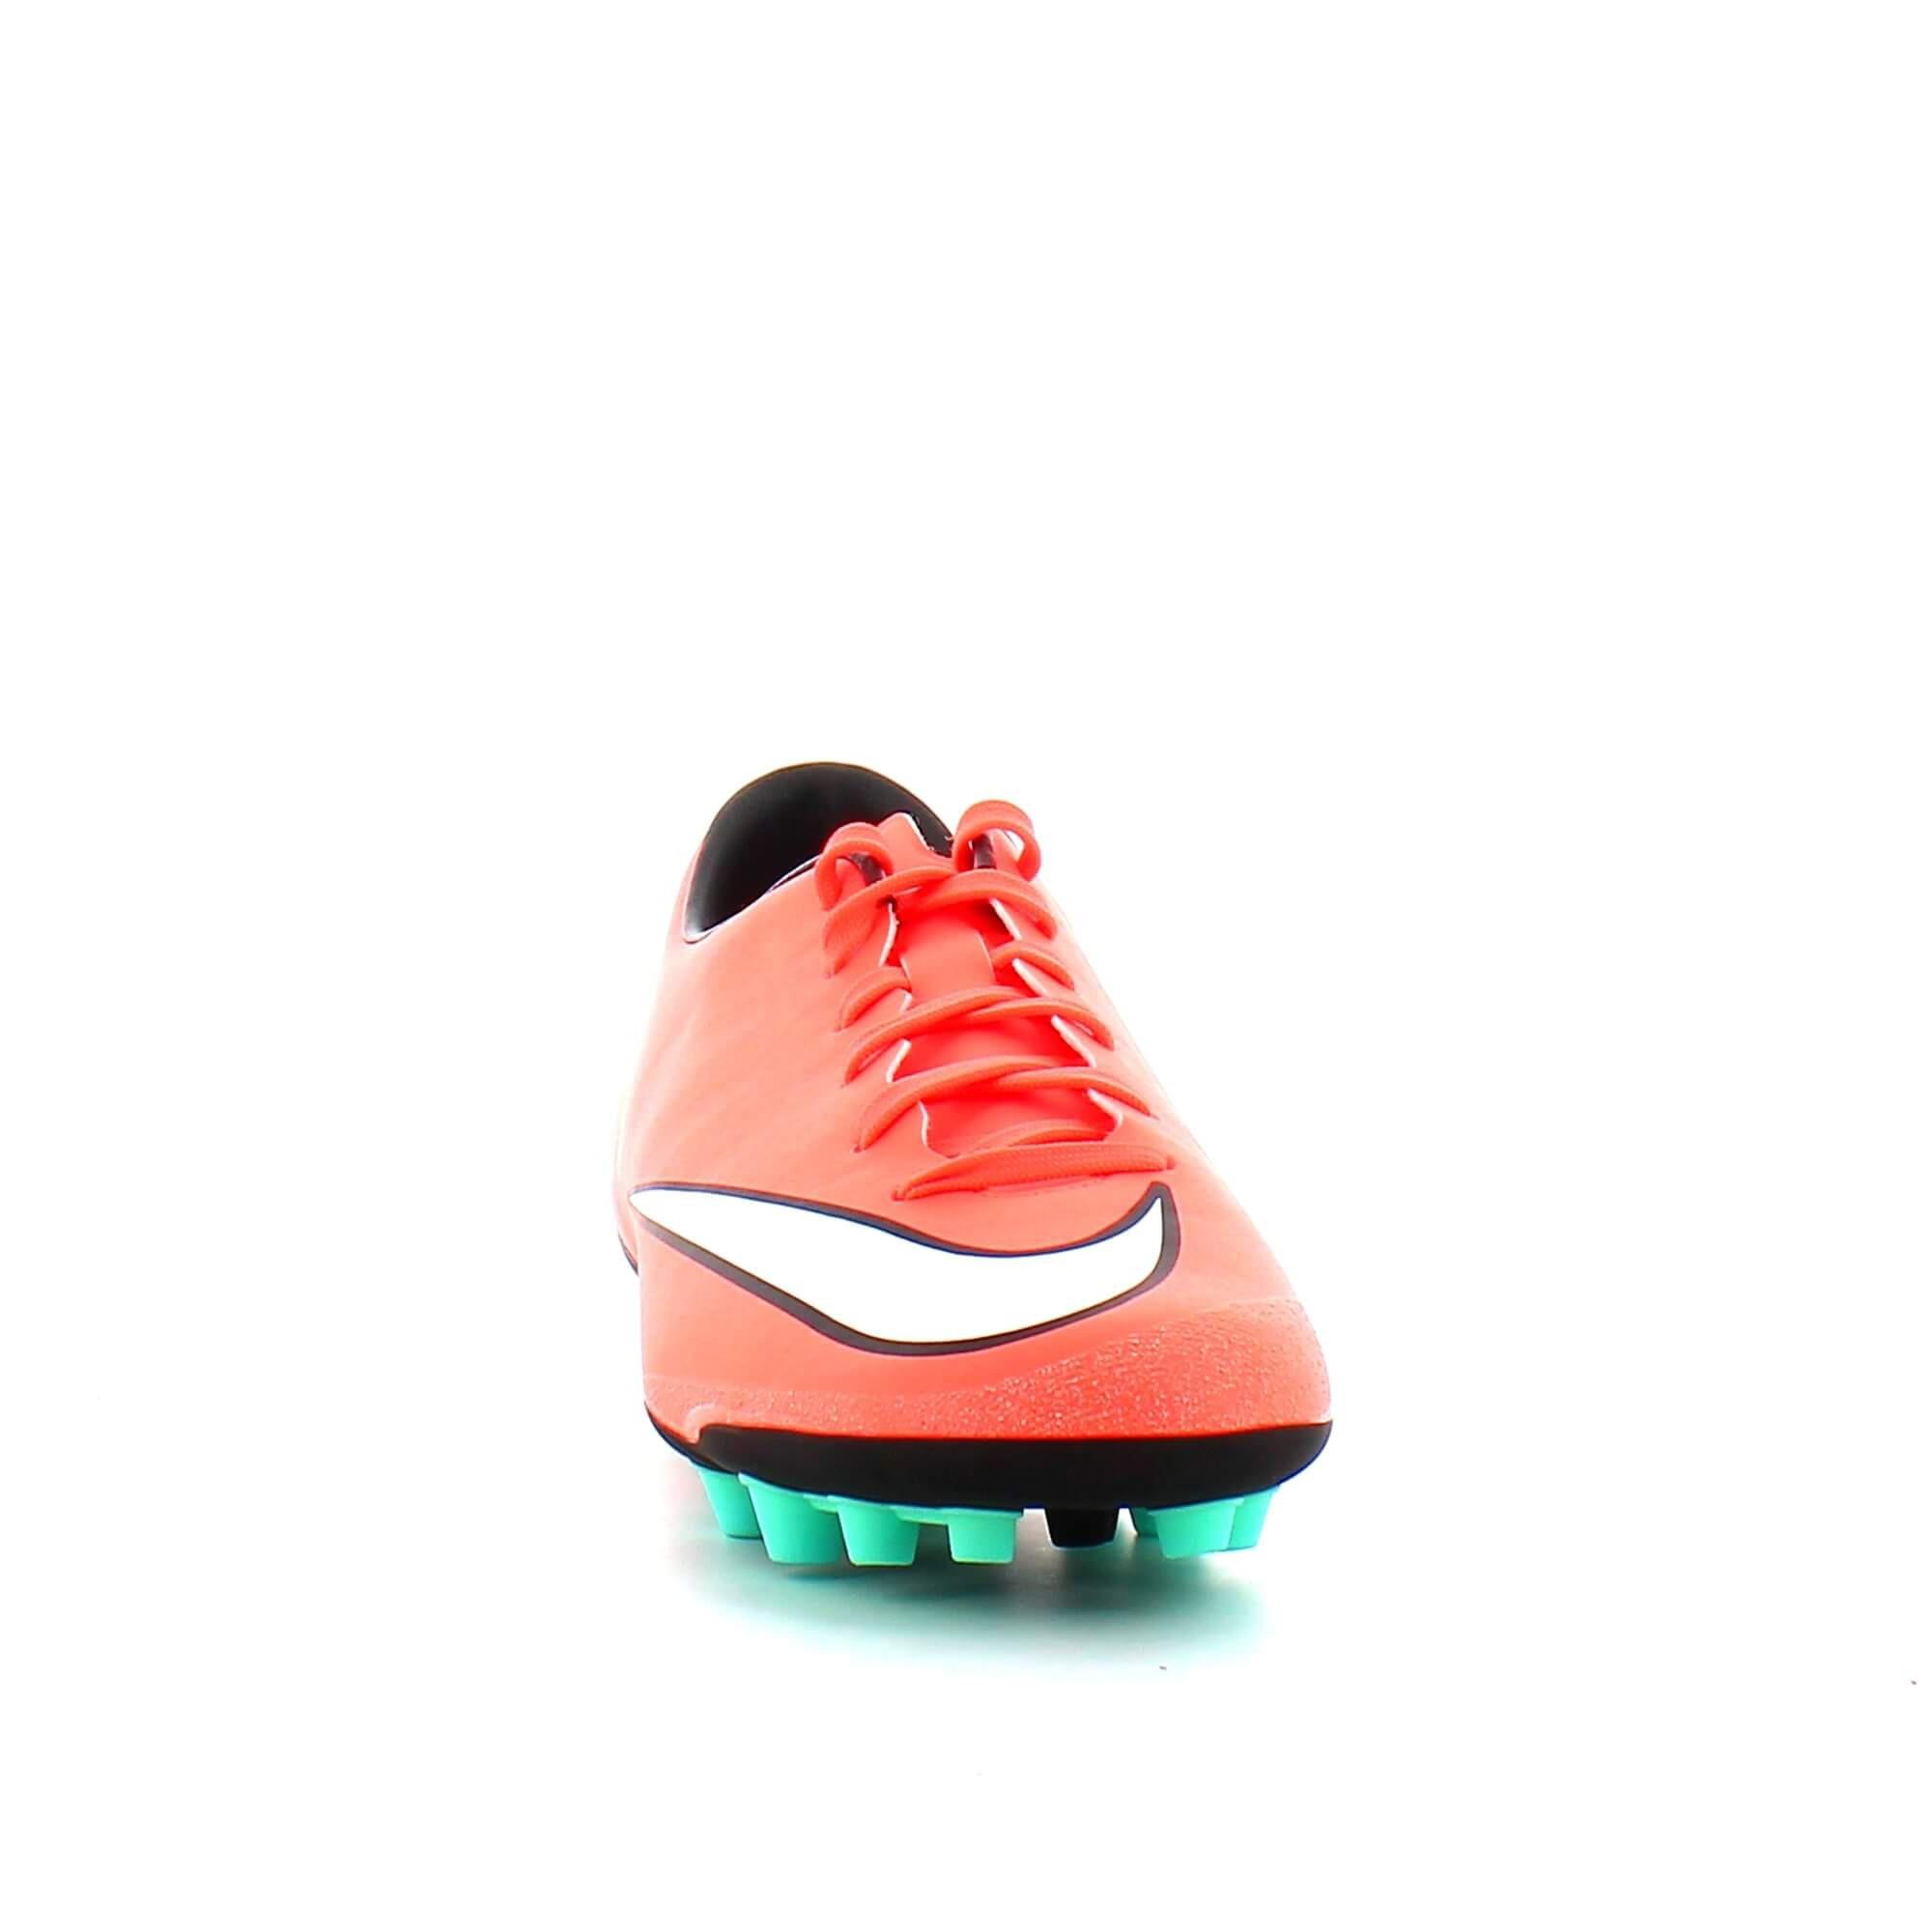 79c266cfb0d3e Botas Fútbol Nike Mercurial Victory V Ag-R Salmom Hombre - Deportes Moya